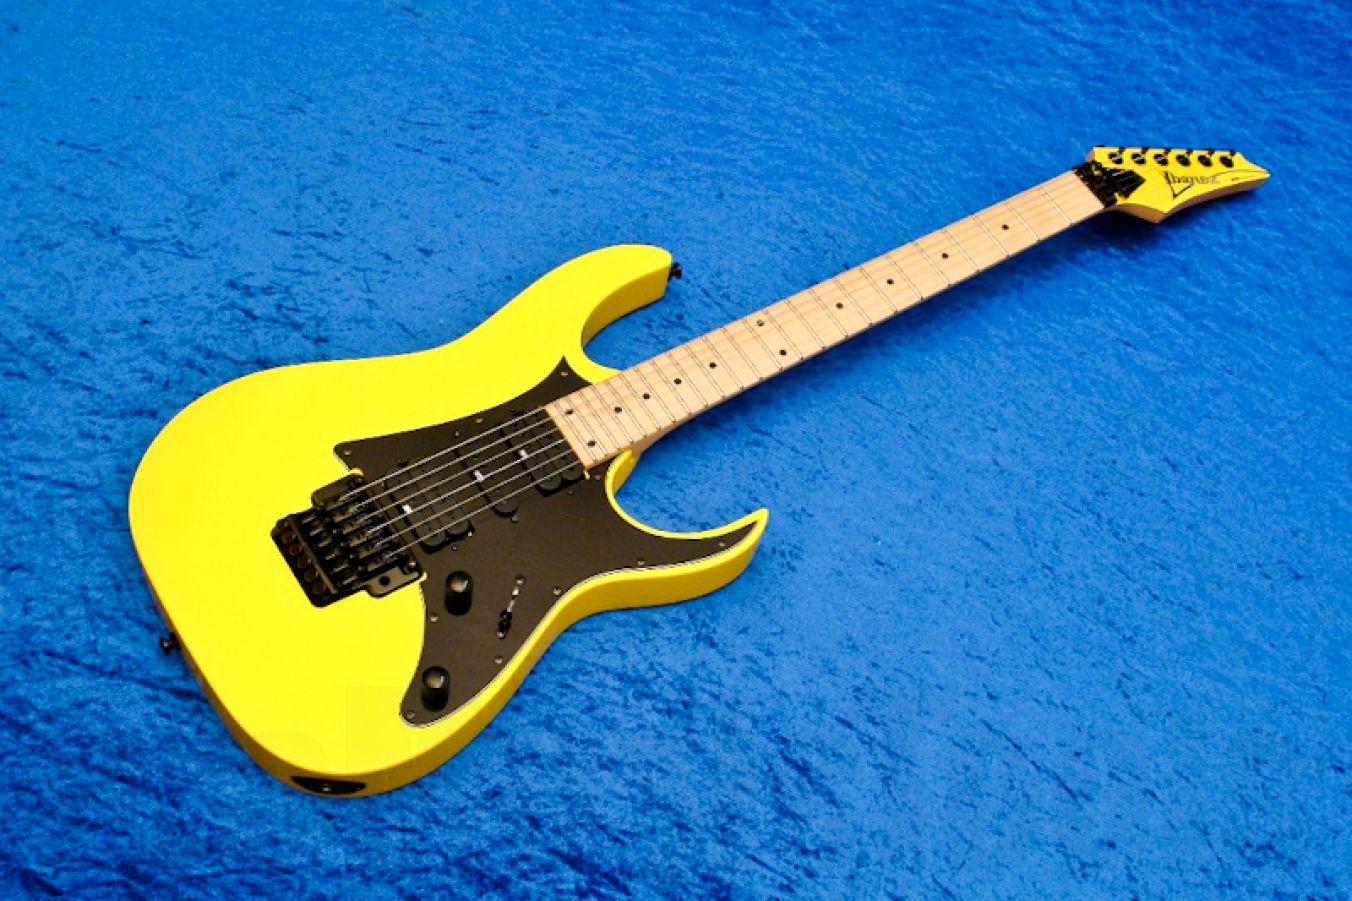 Ibanez RG350MZ YE - Yellow